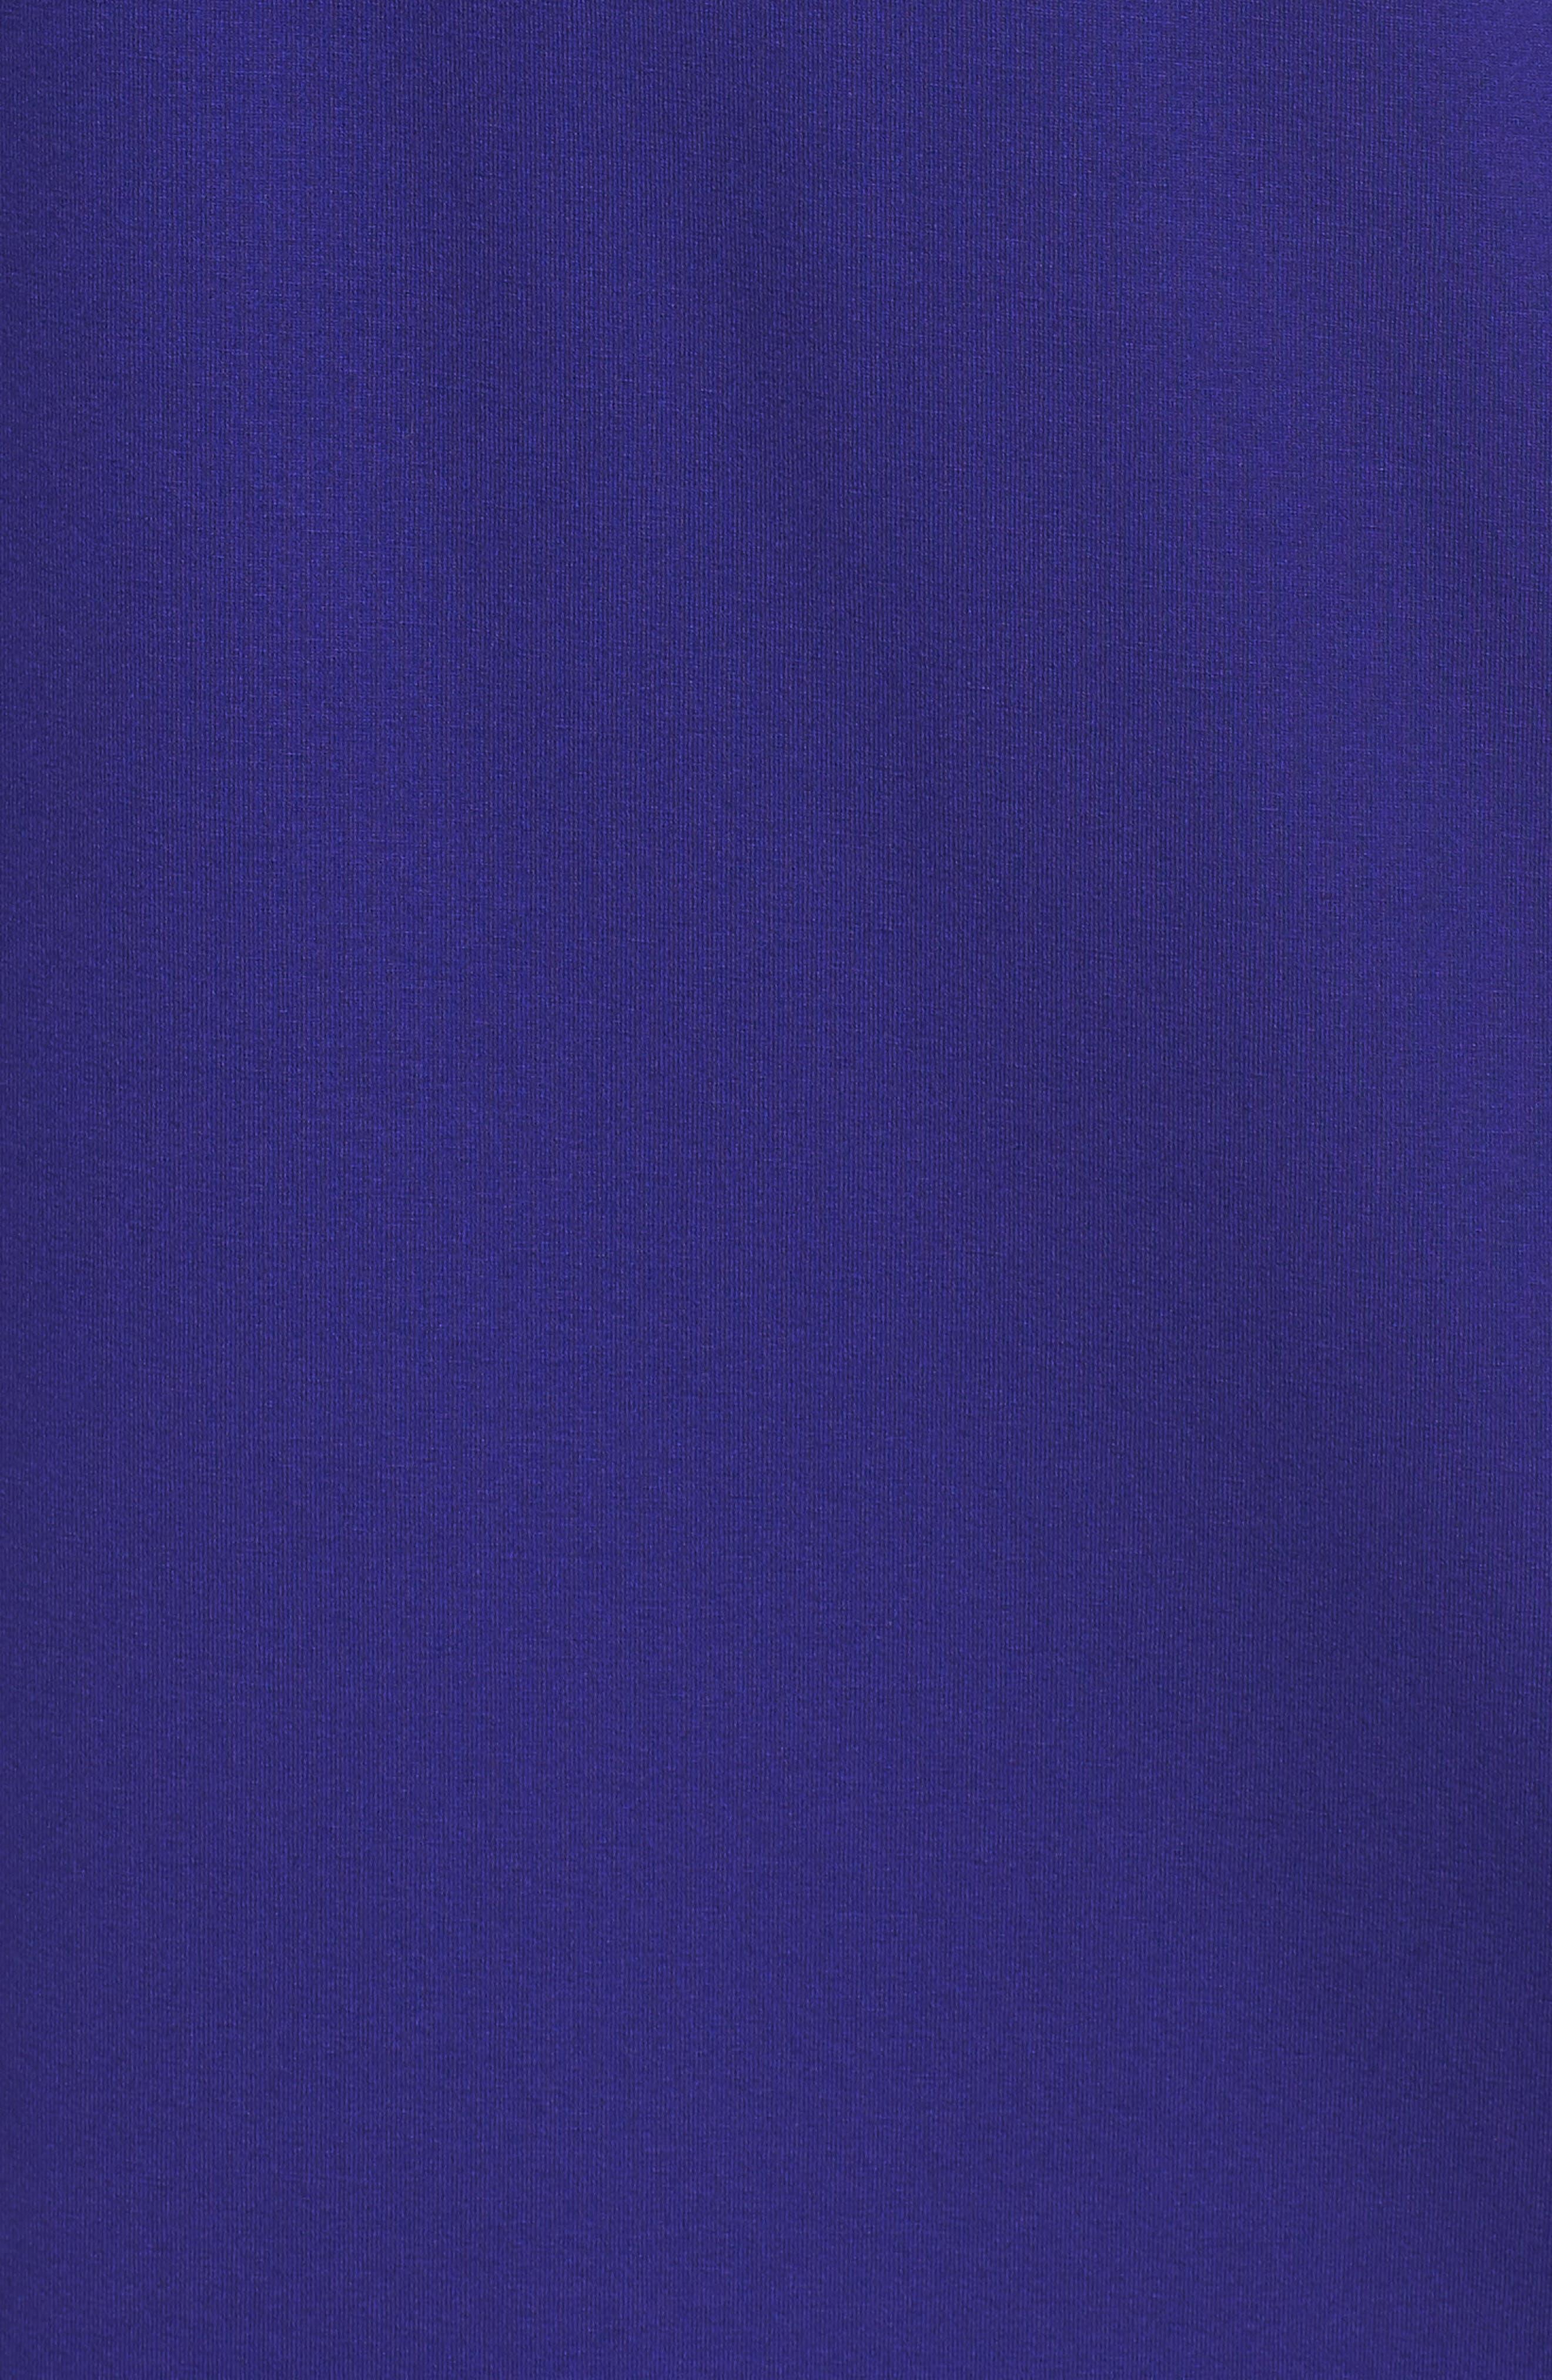 V-Neck Stretch Jersey Shift Dress,                             Alternate thumbnail 24, color,